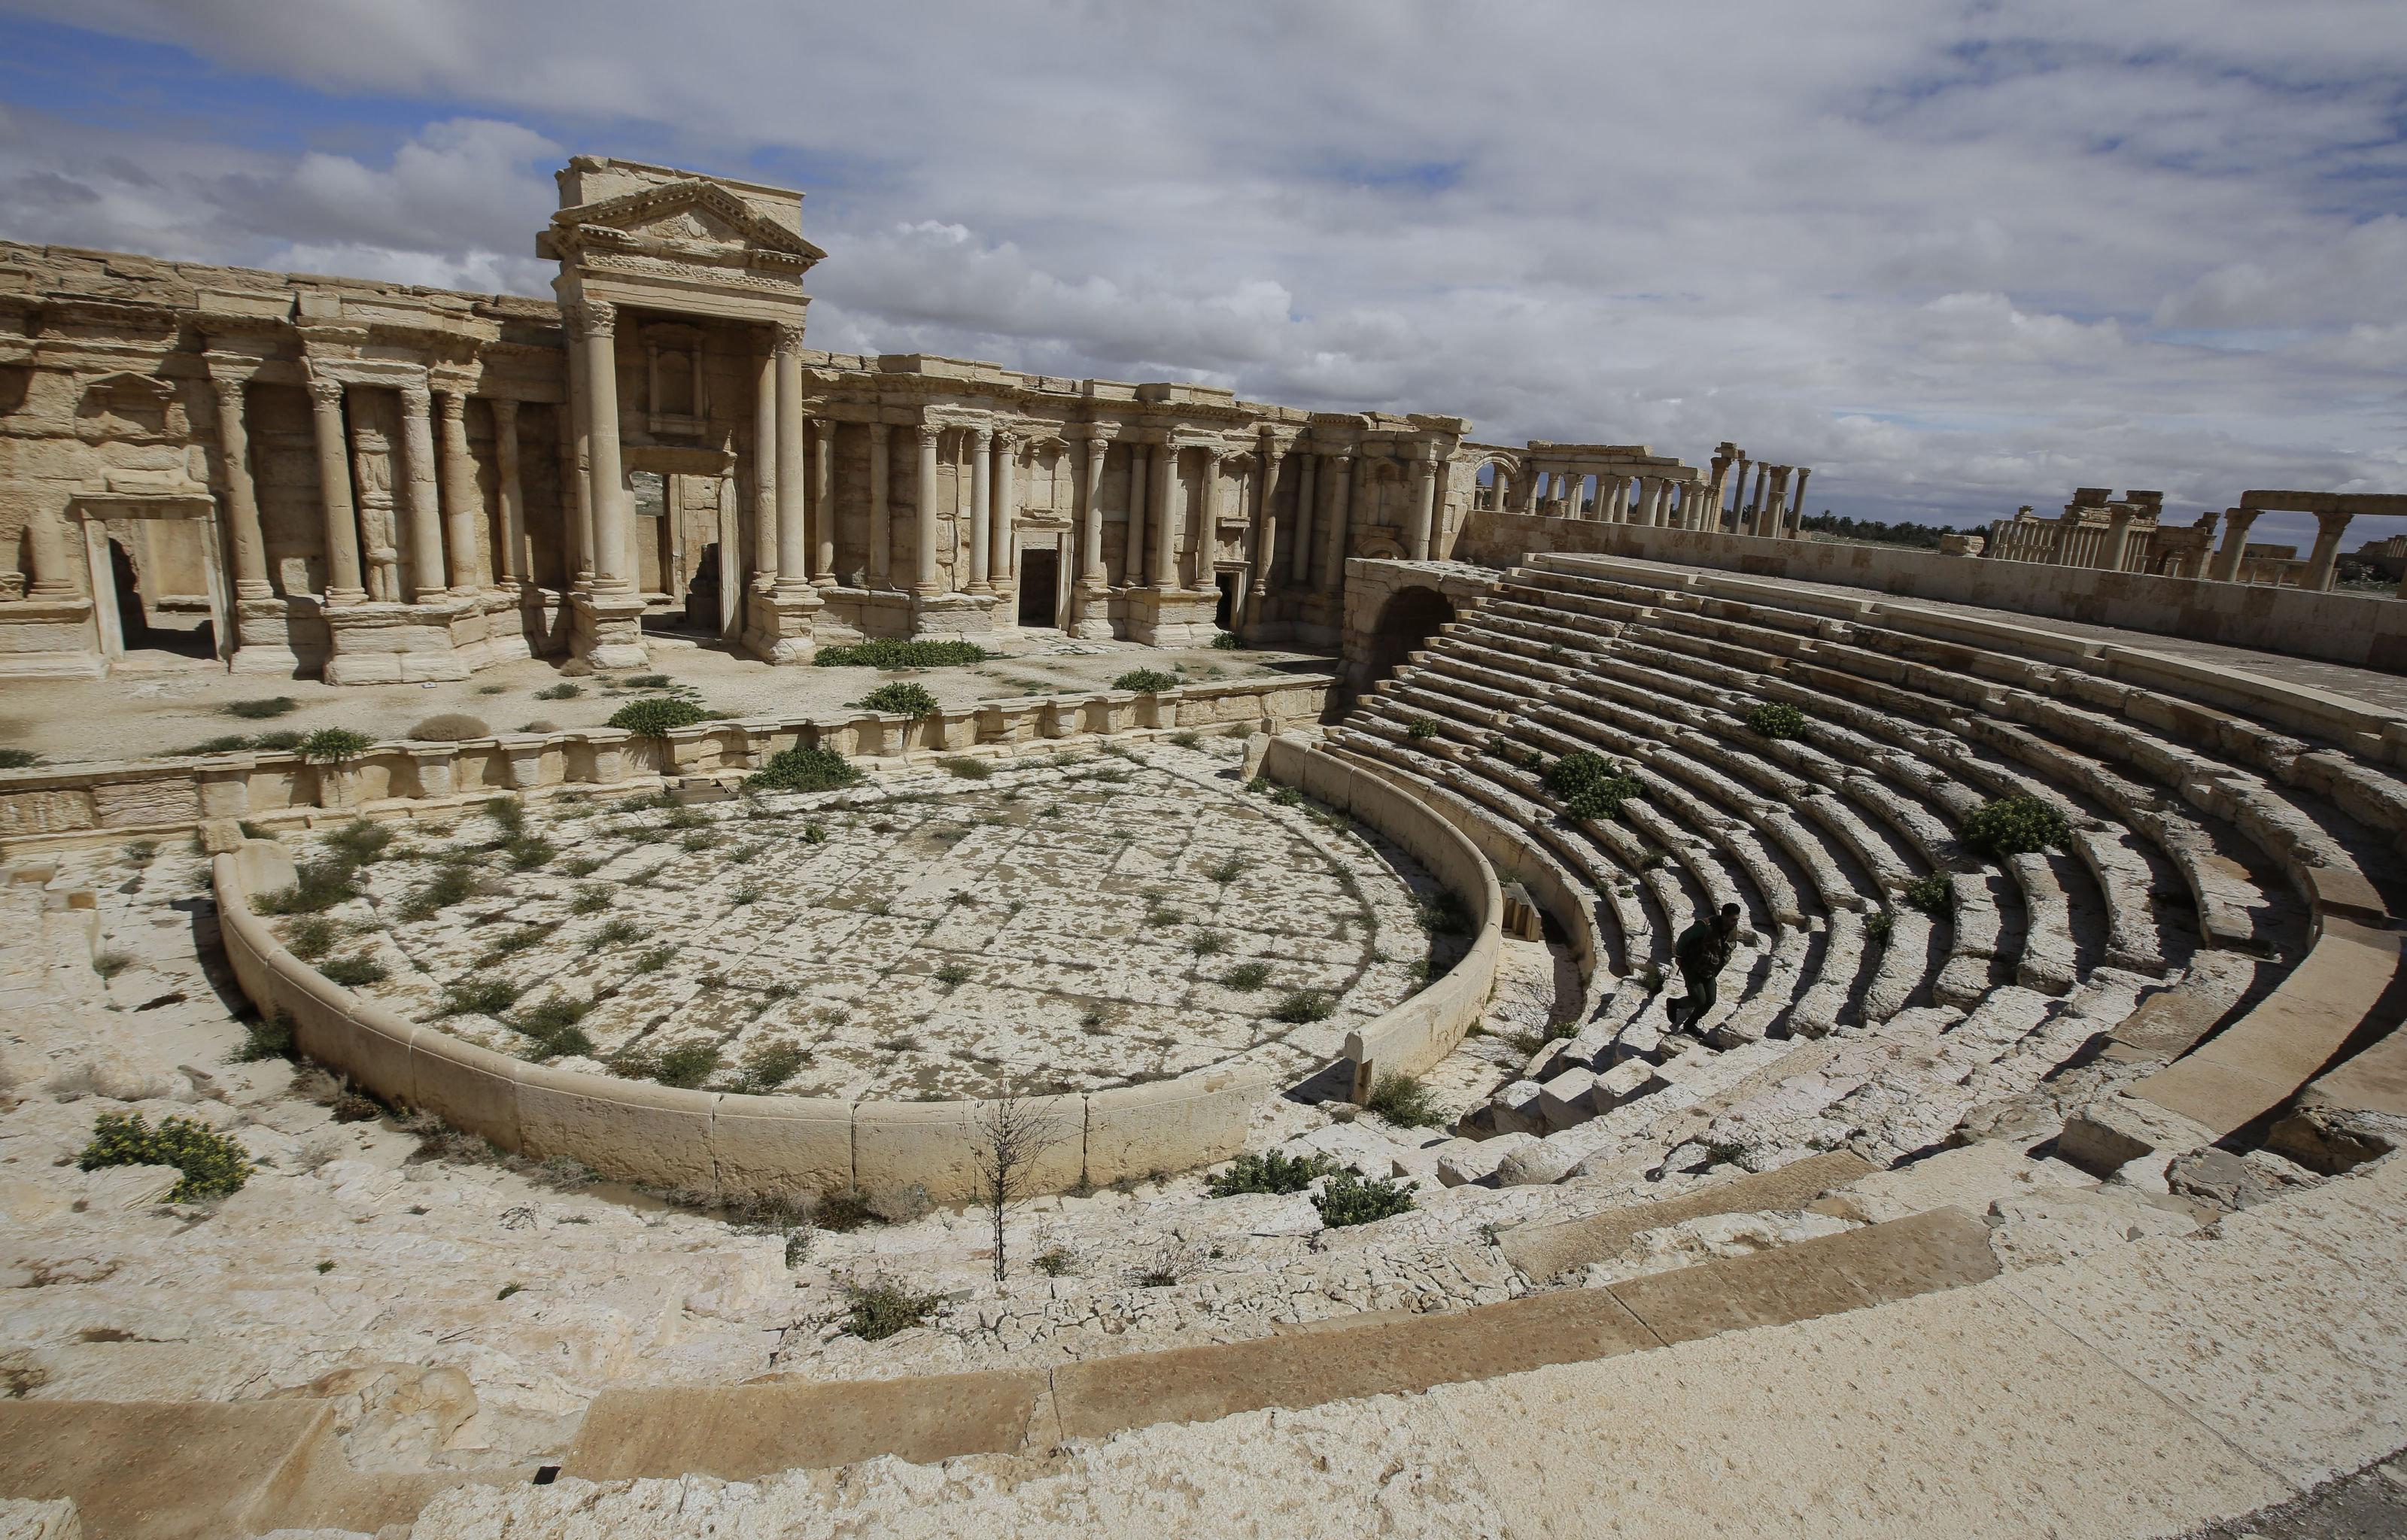 المسرح الروماني فى تدمر بنى فى النصف الأول من القرن الثاني الميلادي